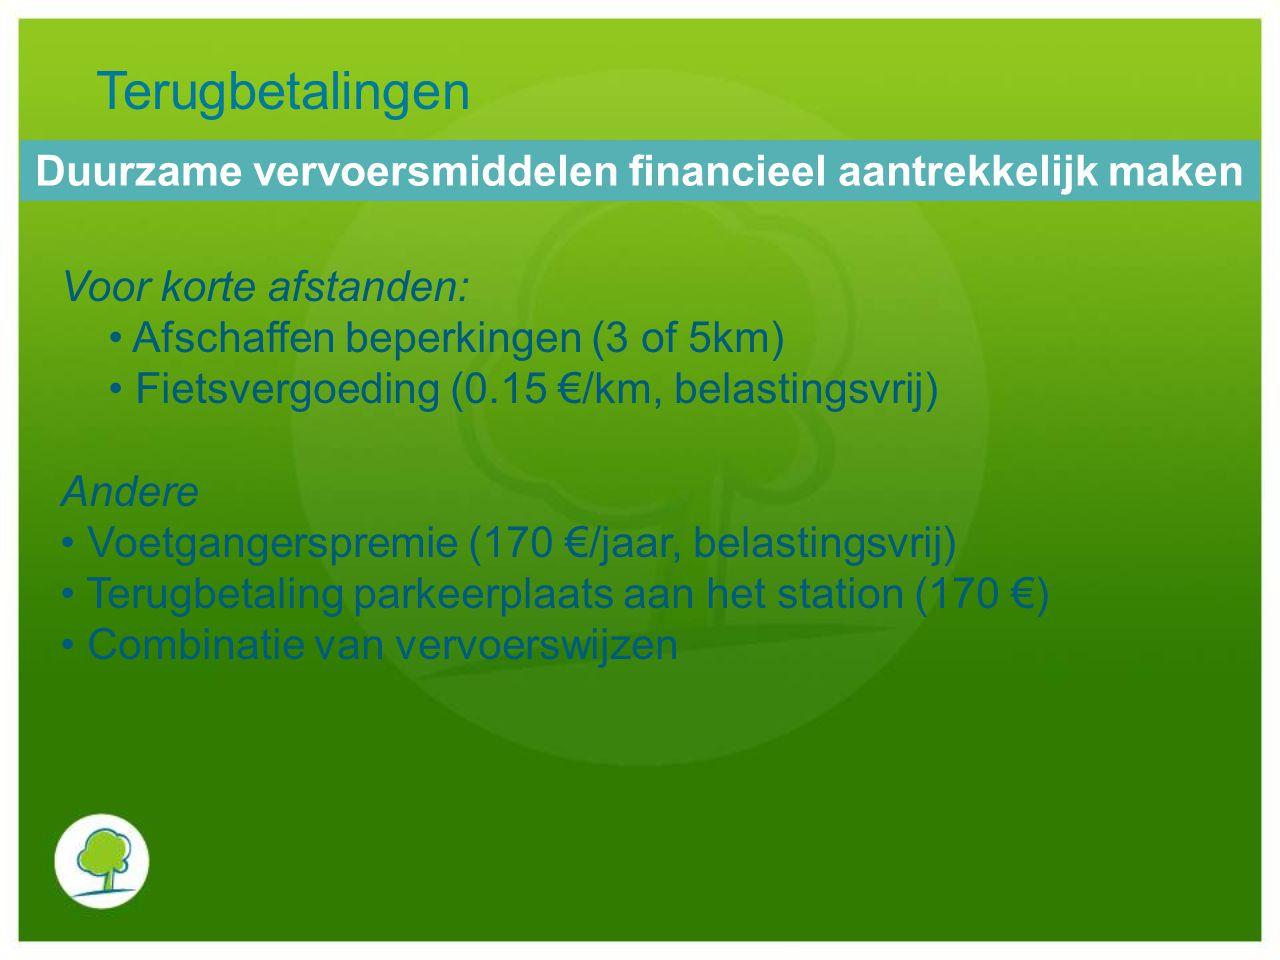 Voor korte afstanden: Afschaffen beperkingen (3 of 5km) Fietsvergoeding (0.15 €/km, belastingsvrij) Andere Voetgangerspremie (170 €/jaar, belastingsvr